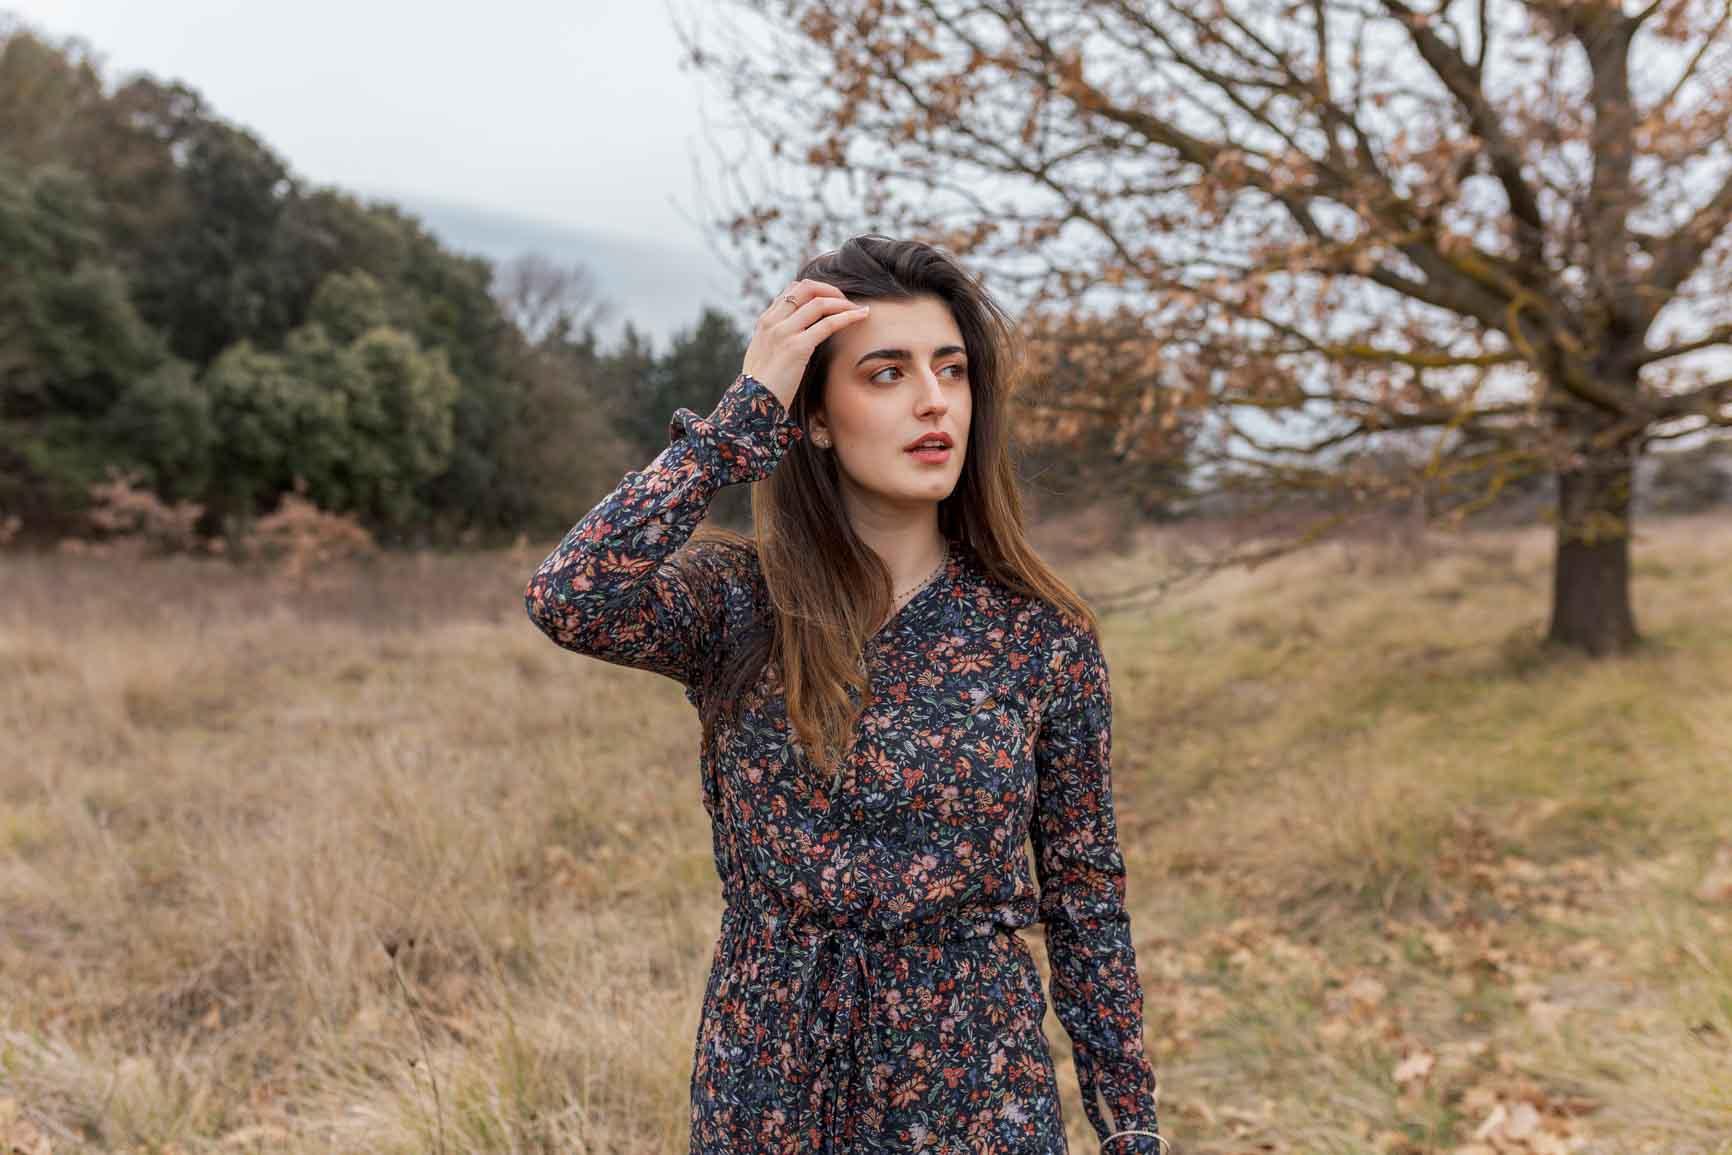 Séance portrait Lagnes   Justine Maquart Photographe